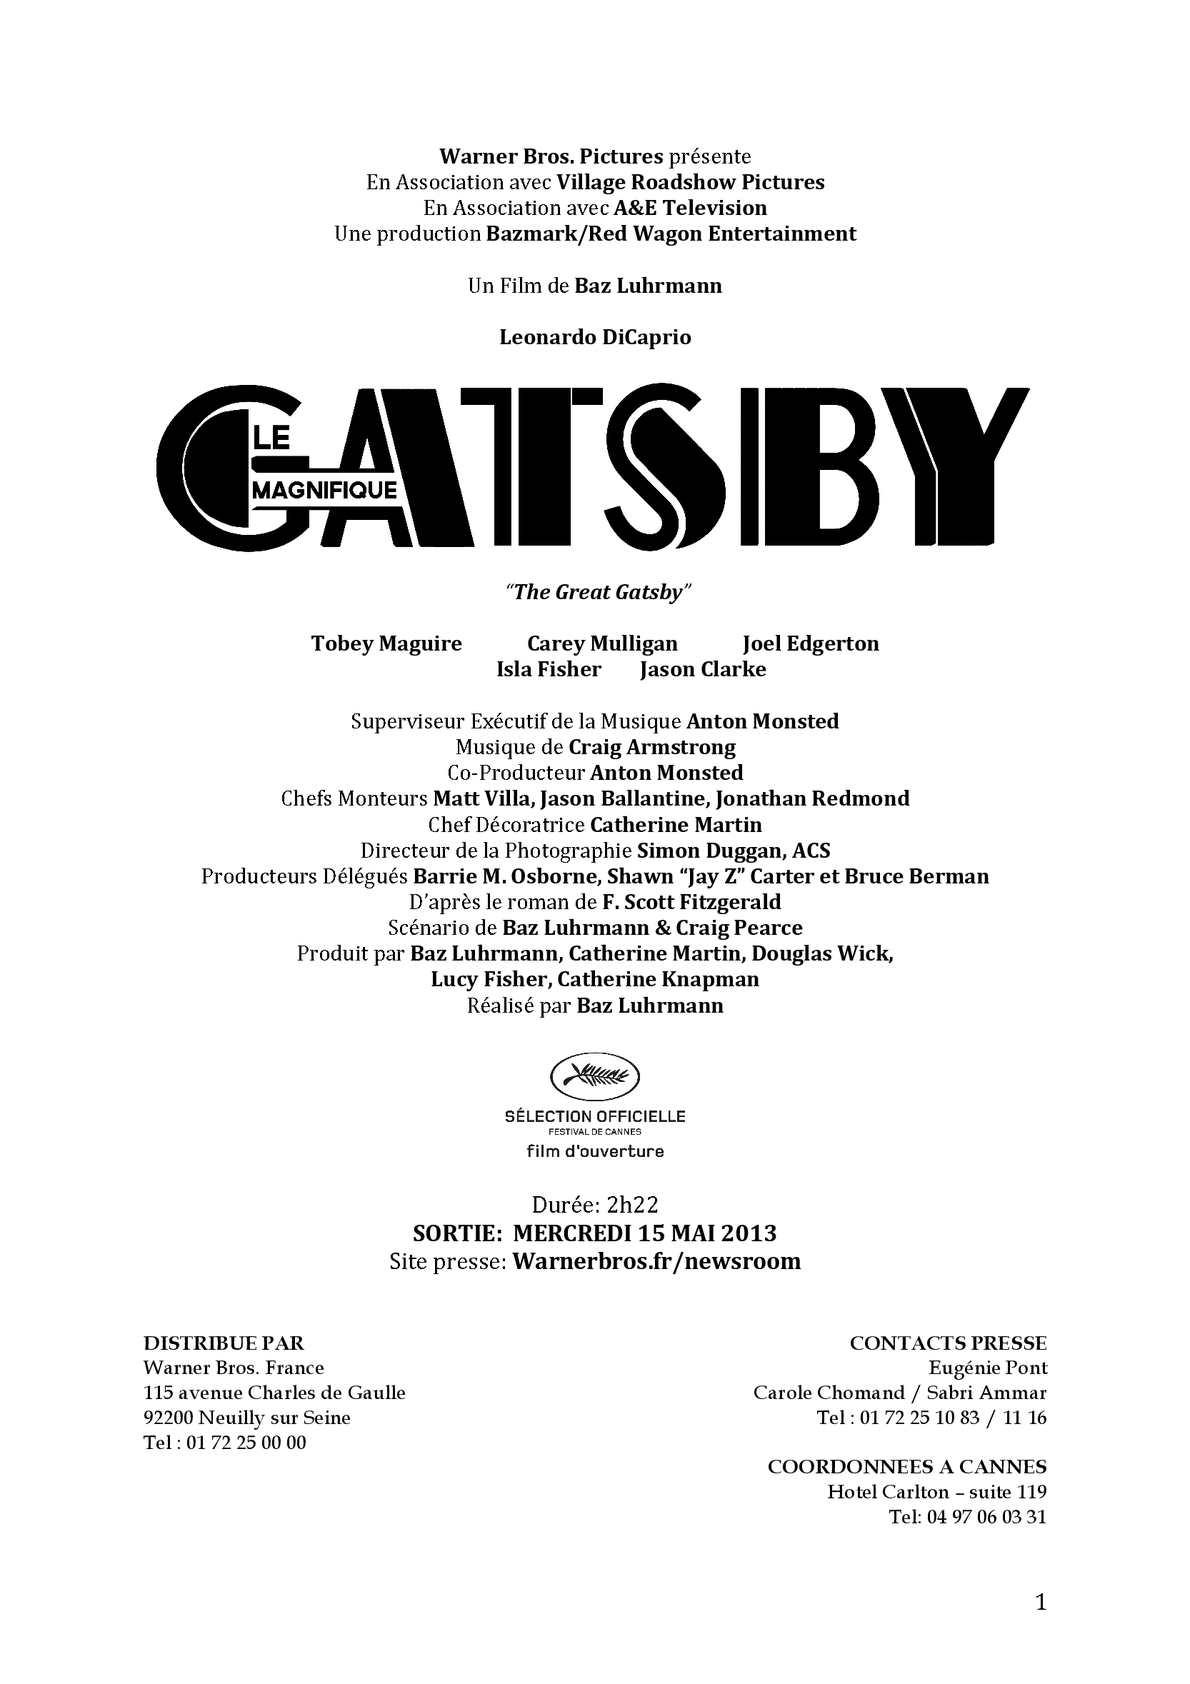 GATSBY LE MAGNIFIQUE Un film de Baz Luhrmann